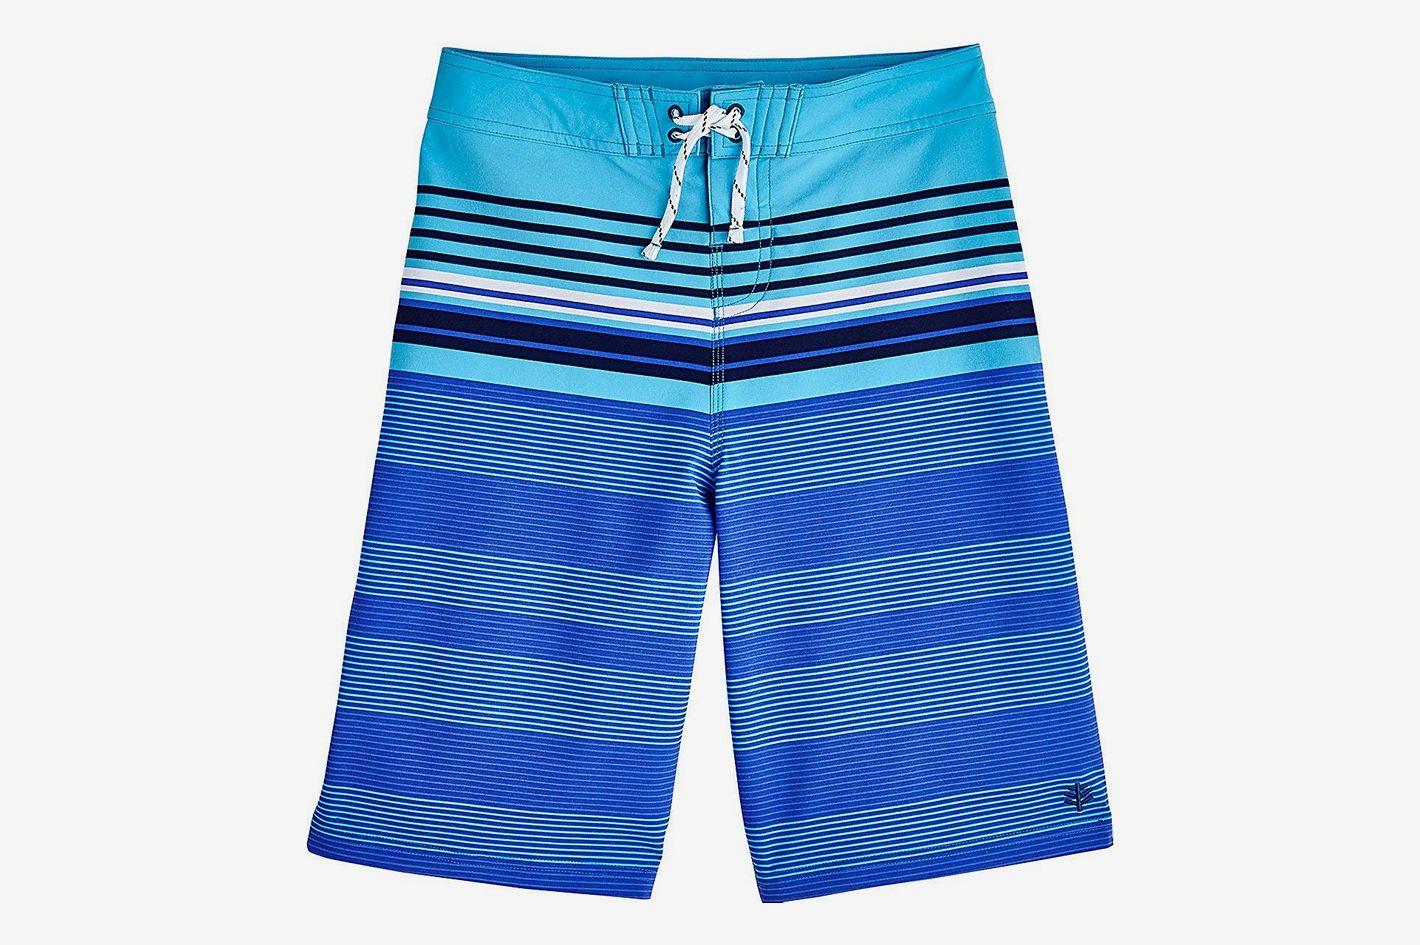 Coolibar UPF 50+ Boy's Superbank Board Shorts